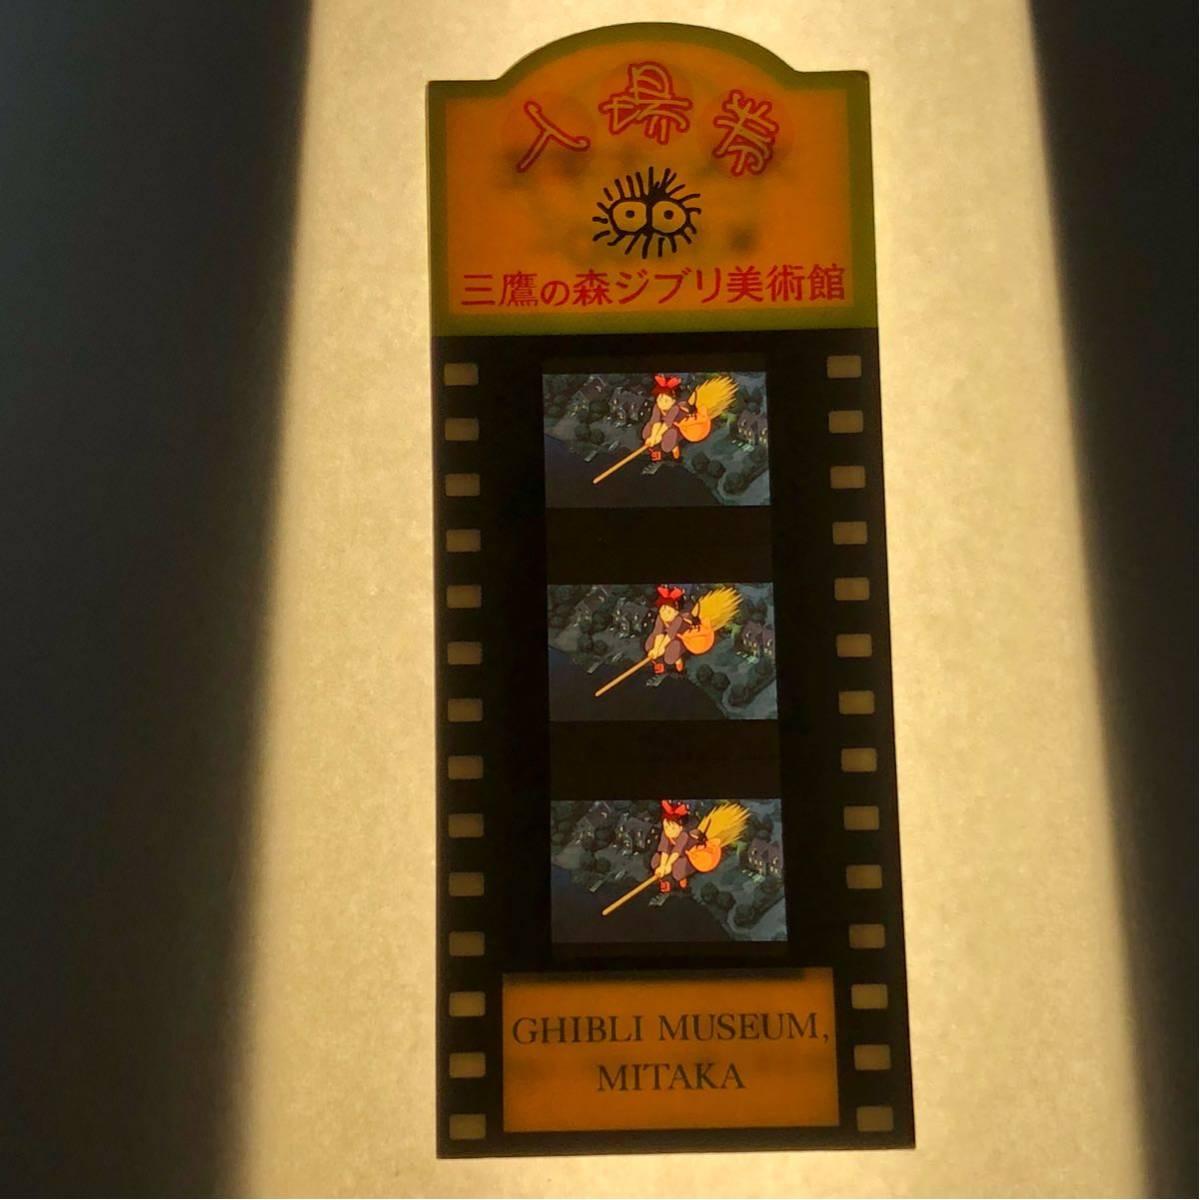 魔女の宅急便 キキ ジジ 夜 入場券 フィルム ジブリ美術館_画像2